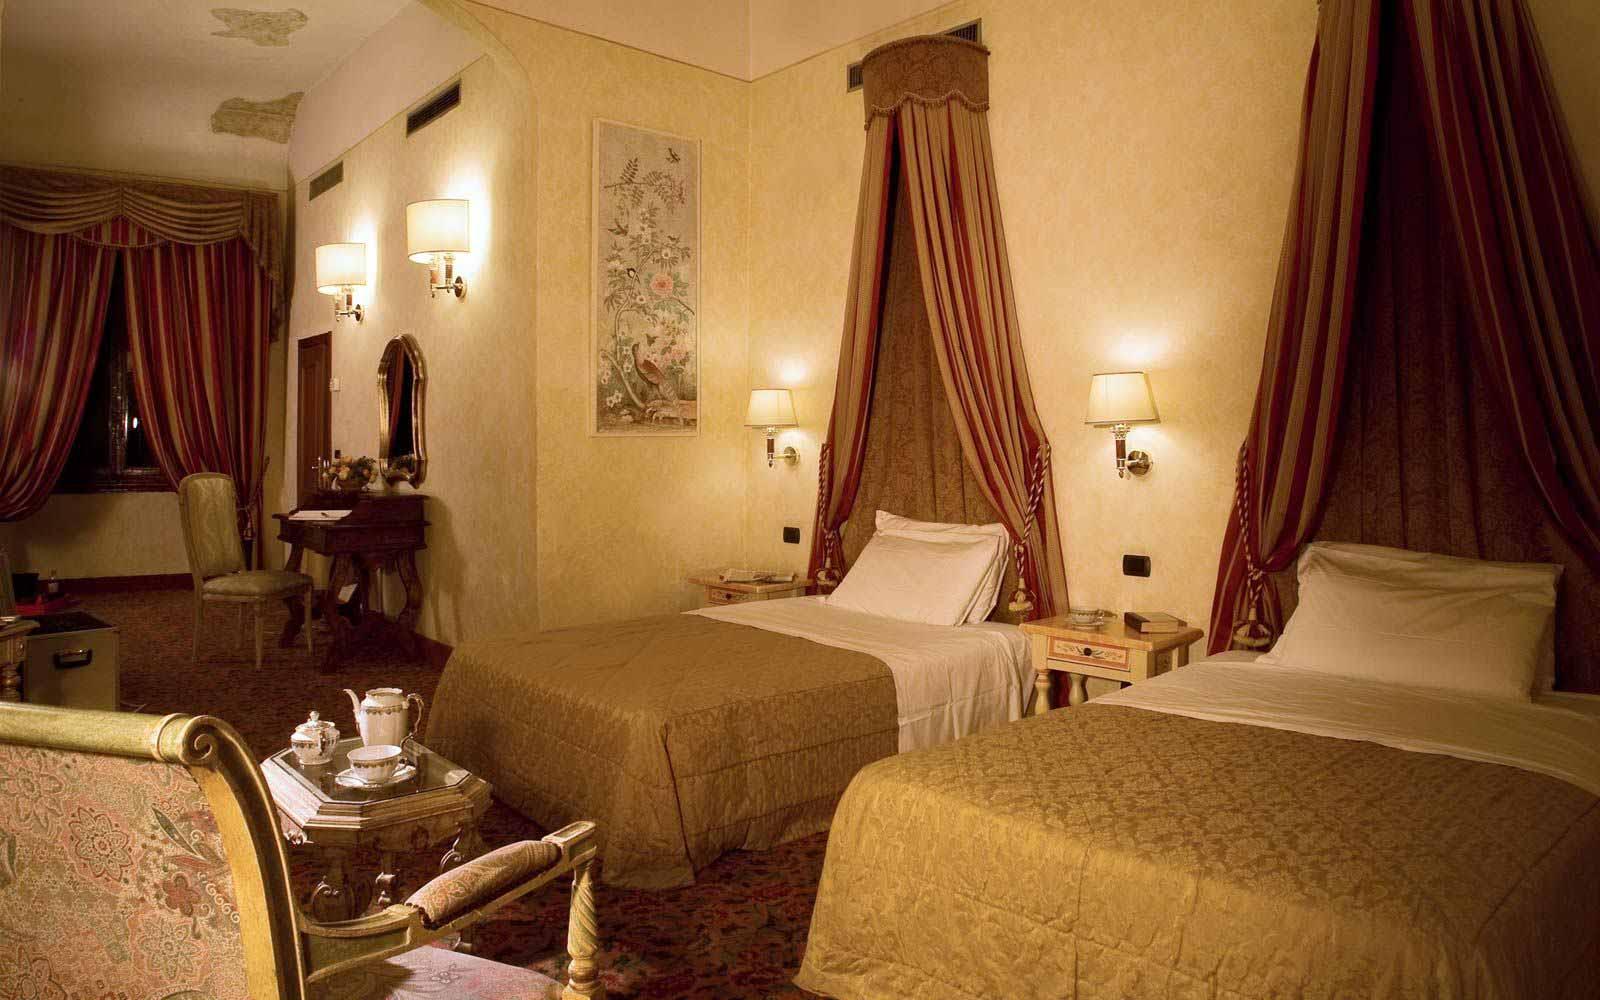 Superior twin room at Hotel Paris